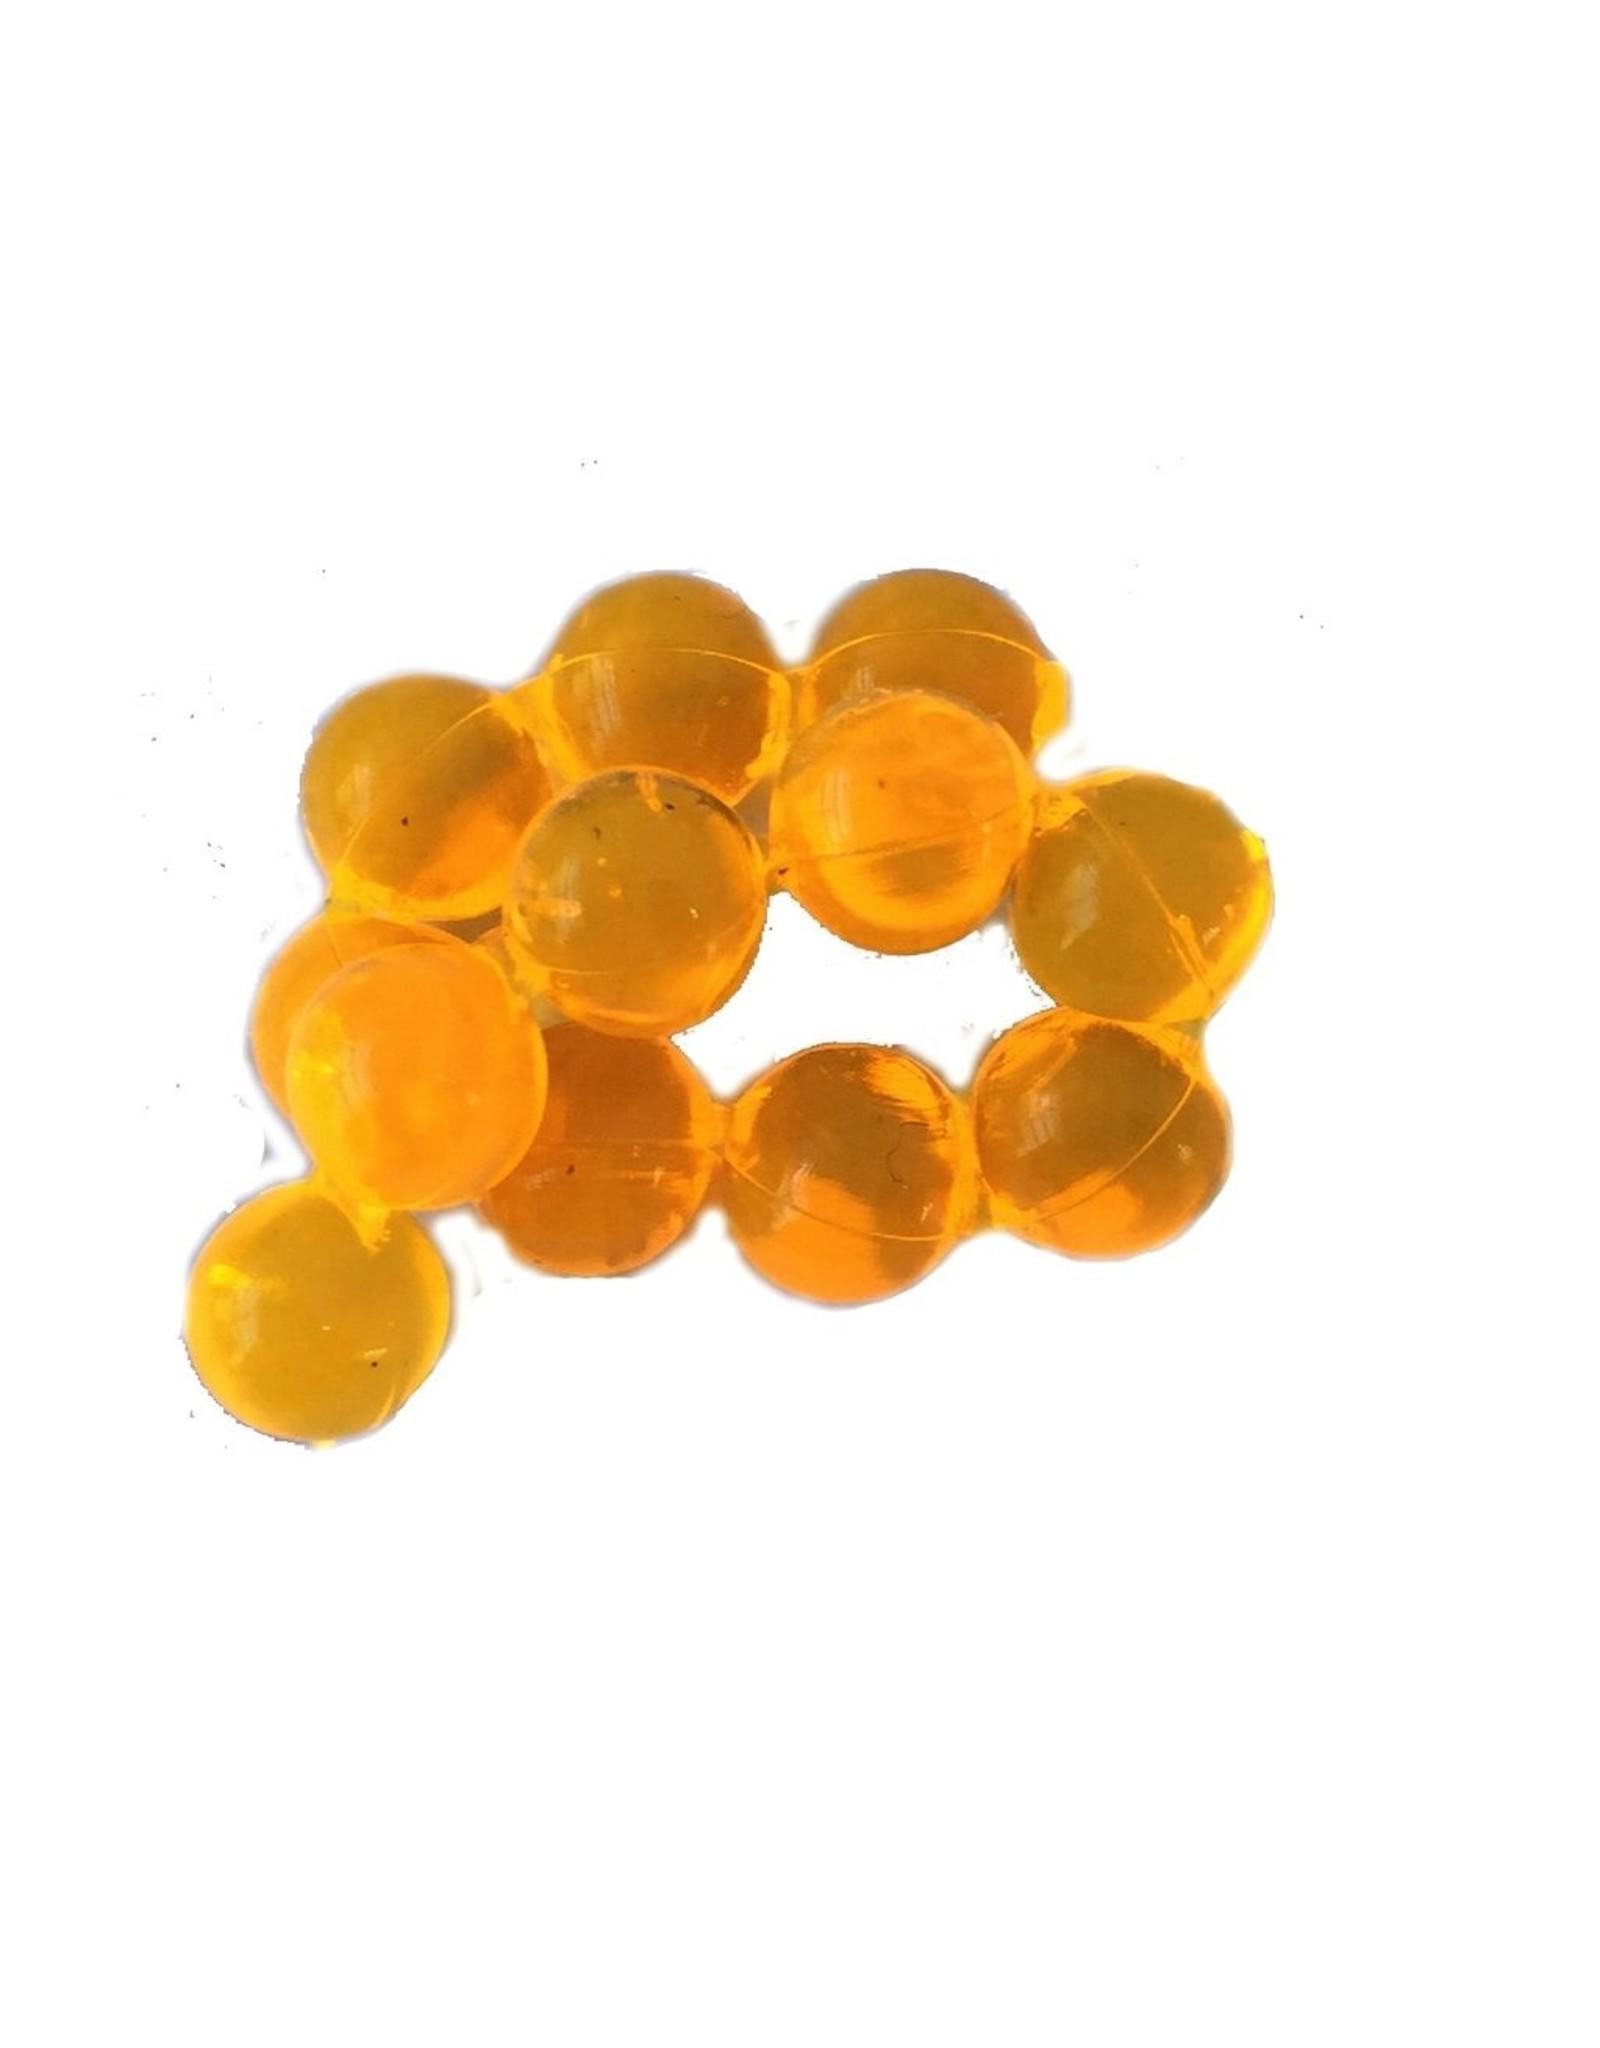 MFC Otter's Soft Egg Material Tangerine 4mm